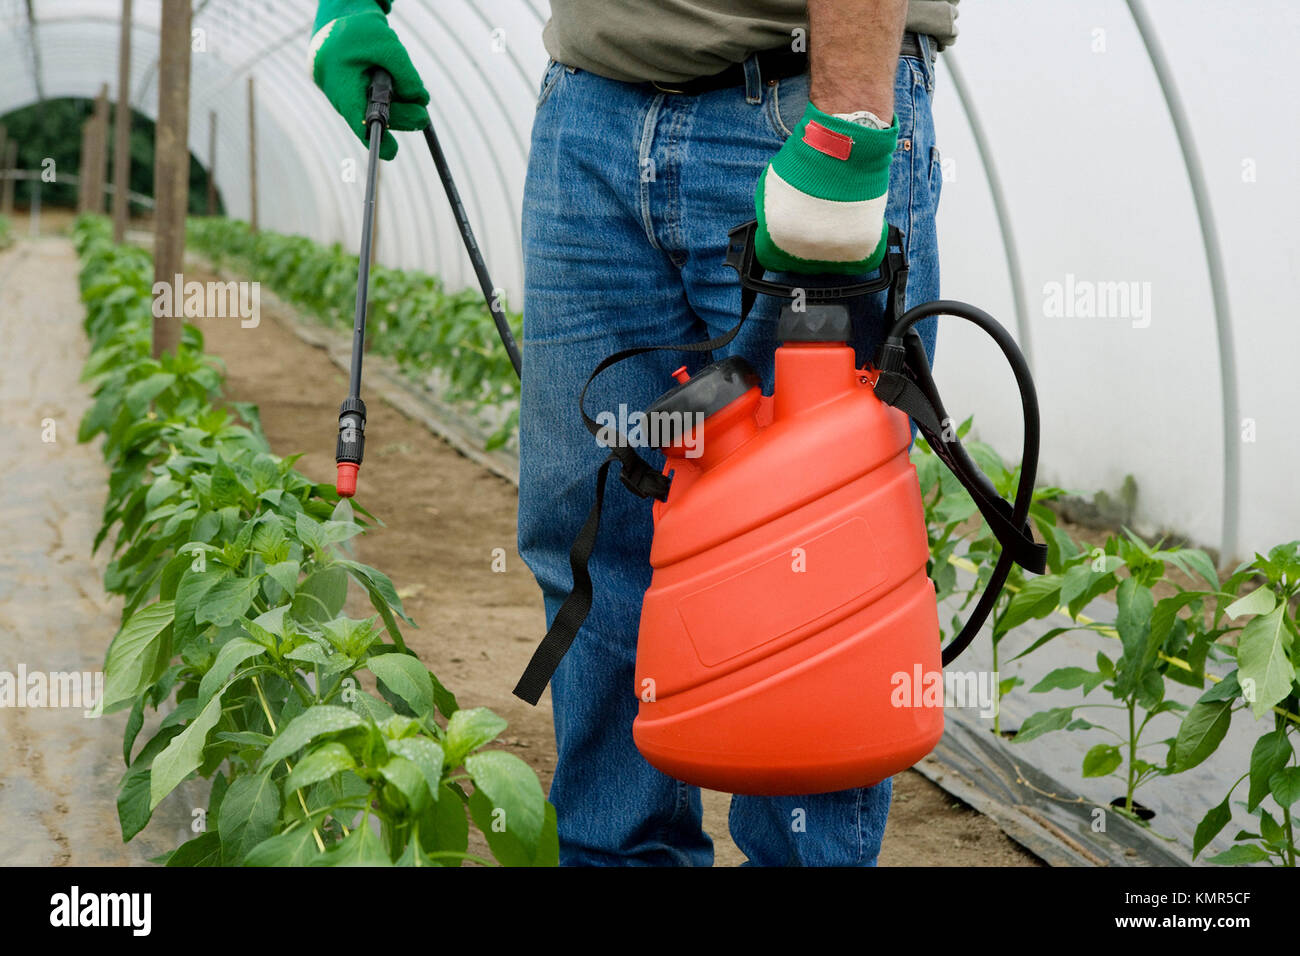 Pimiento verde planta tratamiento con pulverizador (insecticidas, pesticidas). Invernadero. La producción agrícola. Imagen De Stock